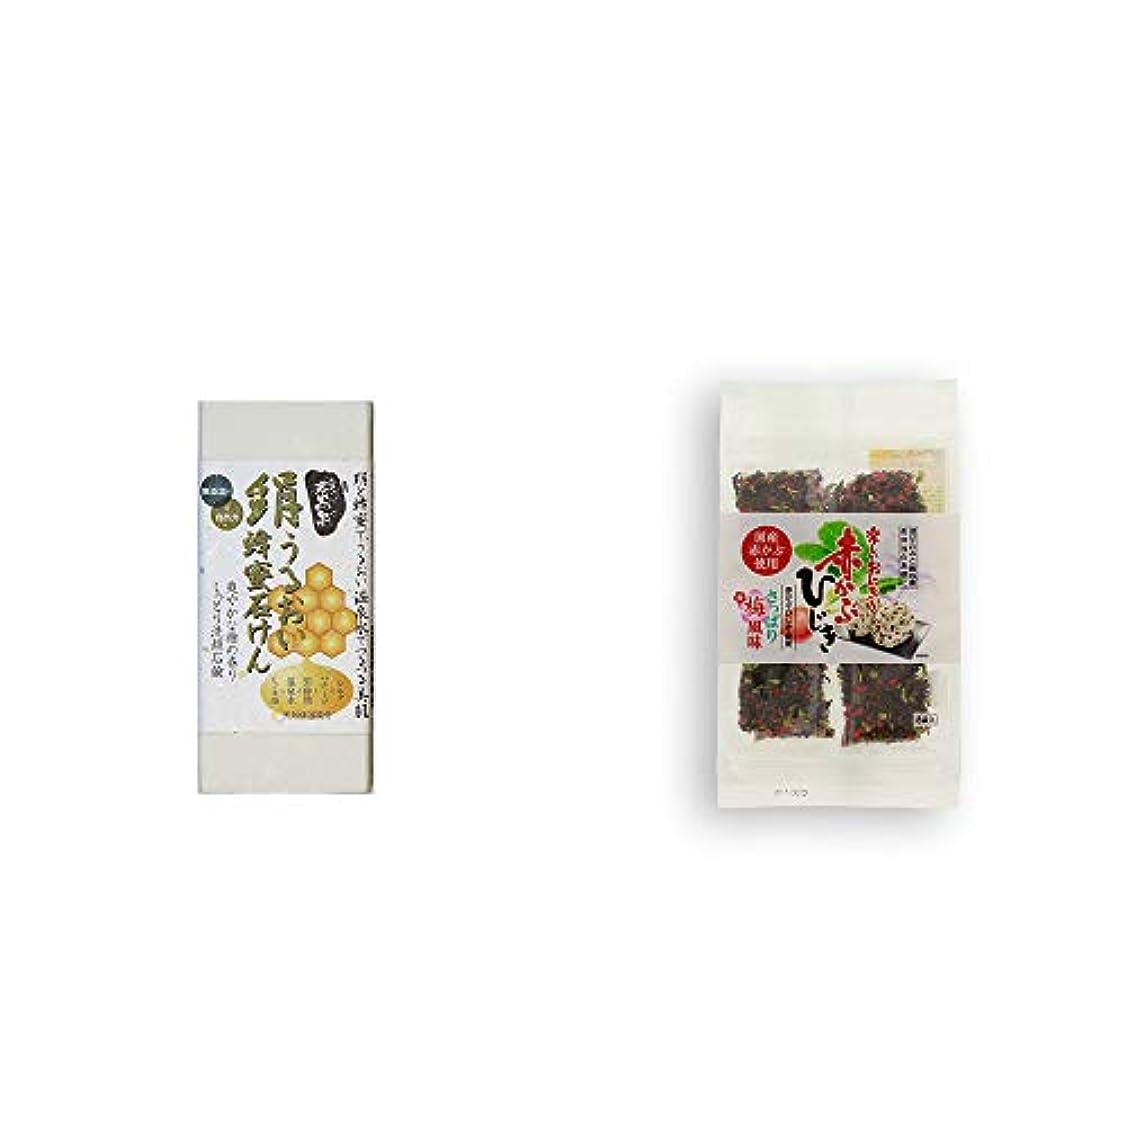 案件異常唯物論[2点セット] ひのき炭黒泉 絹うるおい蜂蜜石けん(75g×2)?楽しいおにぎり 赤かぶひじき(8g×8袋)